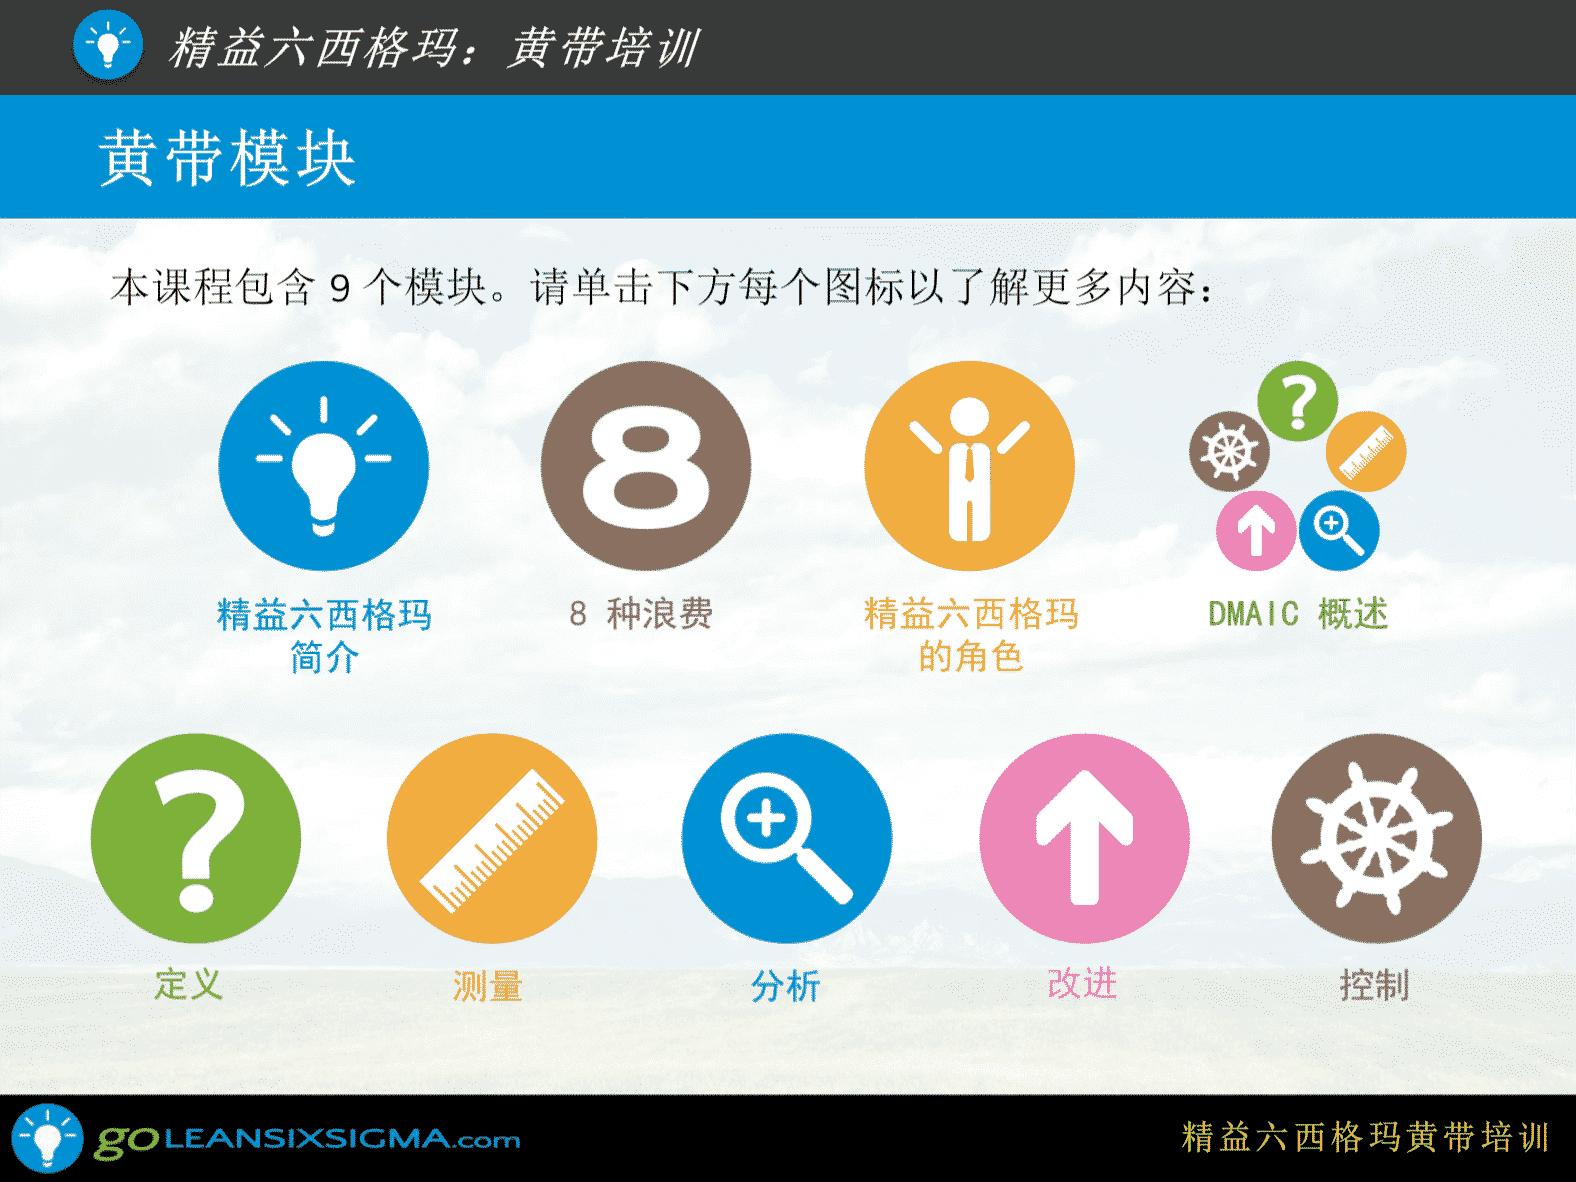 Chinese Training - 8 Wastes - GoLeanSixSigma.com